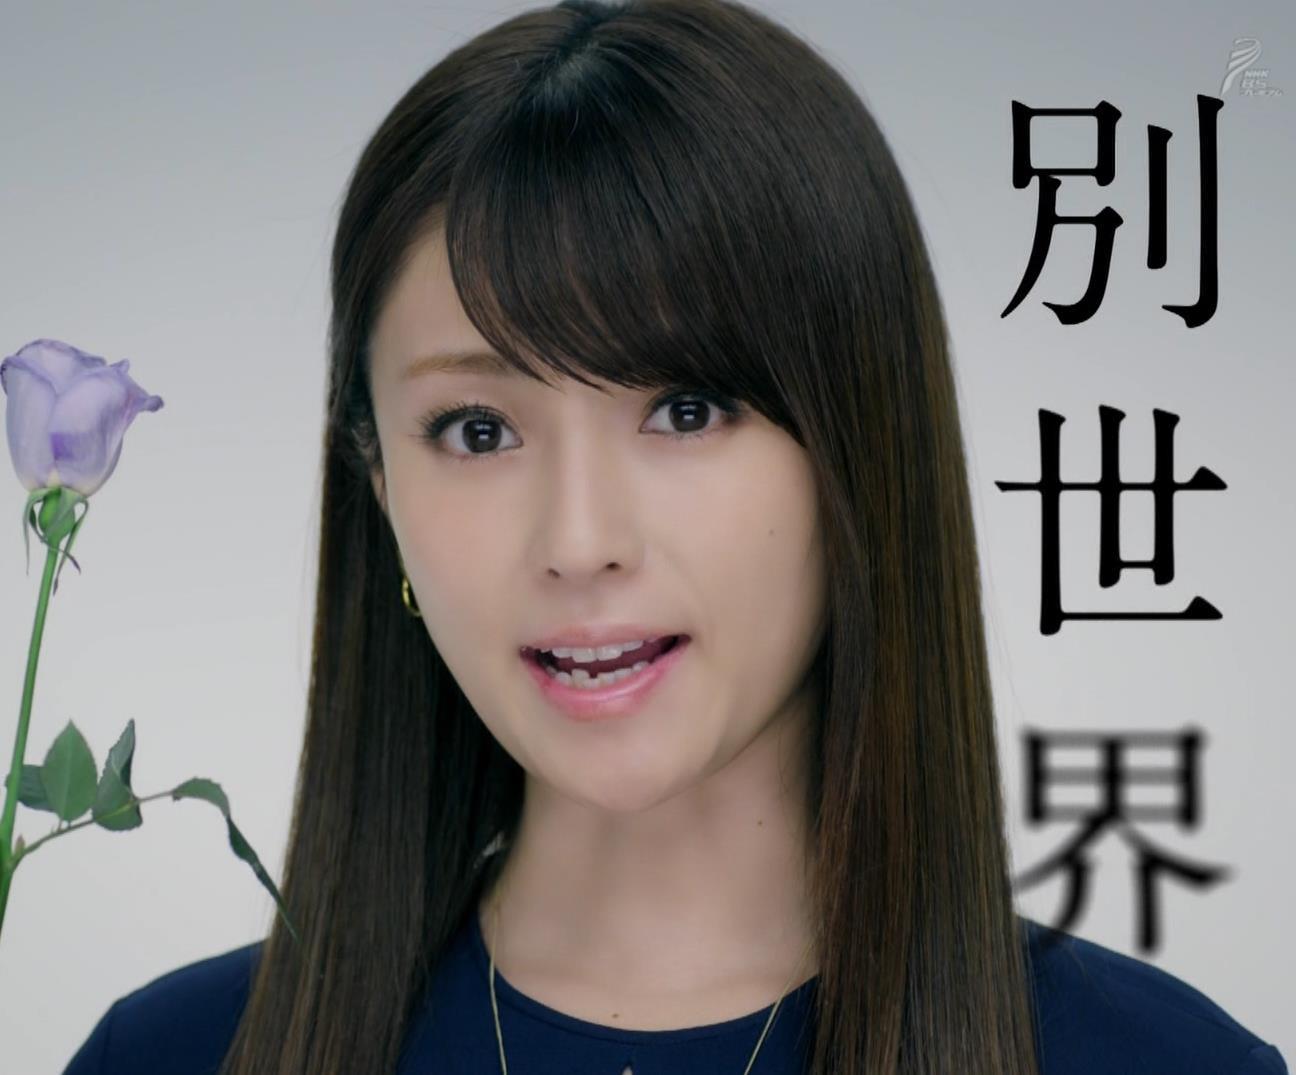 深田恭子 BS4K8Kの宣伝の衣装は体のラインがクッキリでてエロ過ぎキャプ・エロ画像